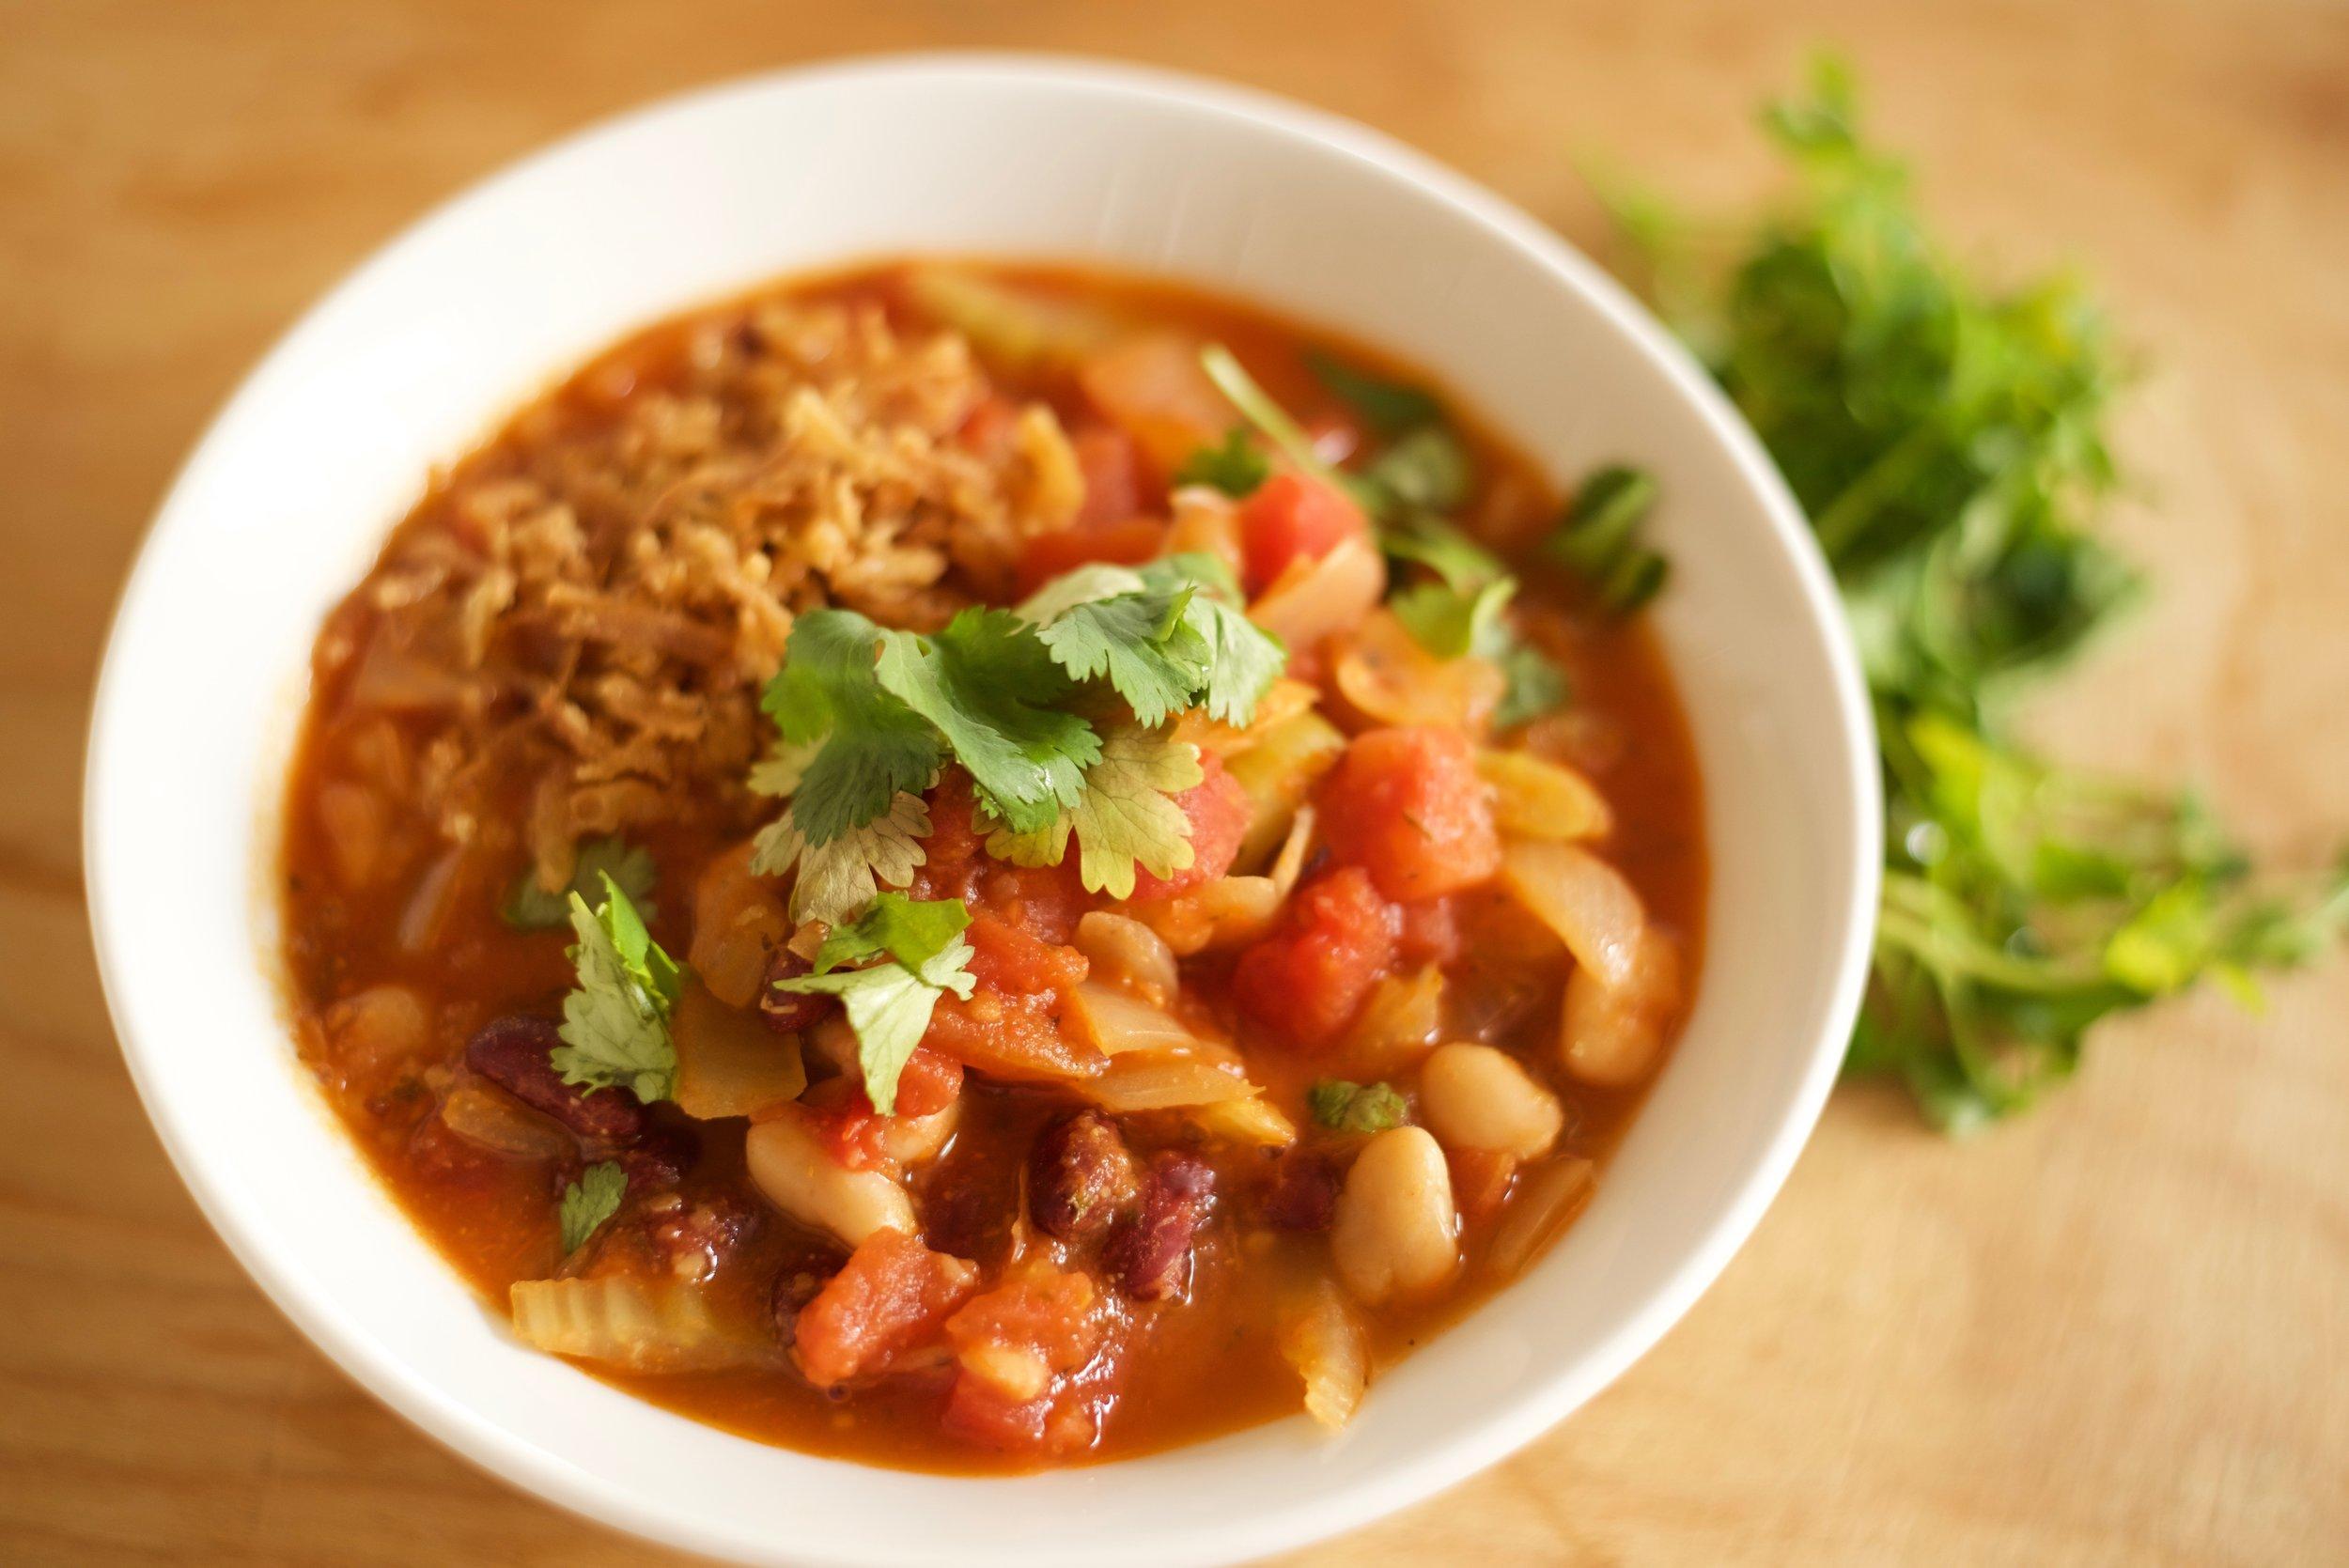 Quick Easy Comfort Food- Vegan Chili